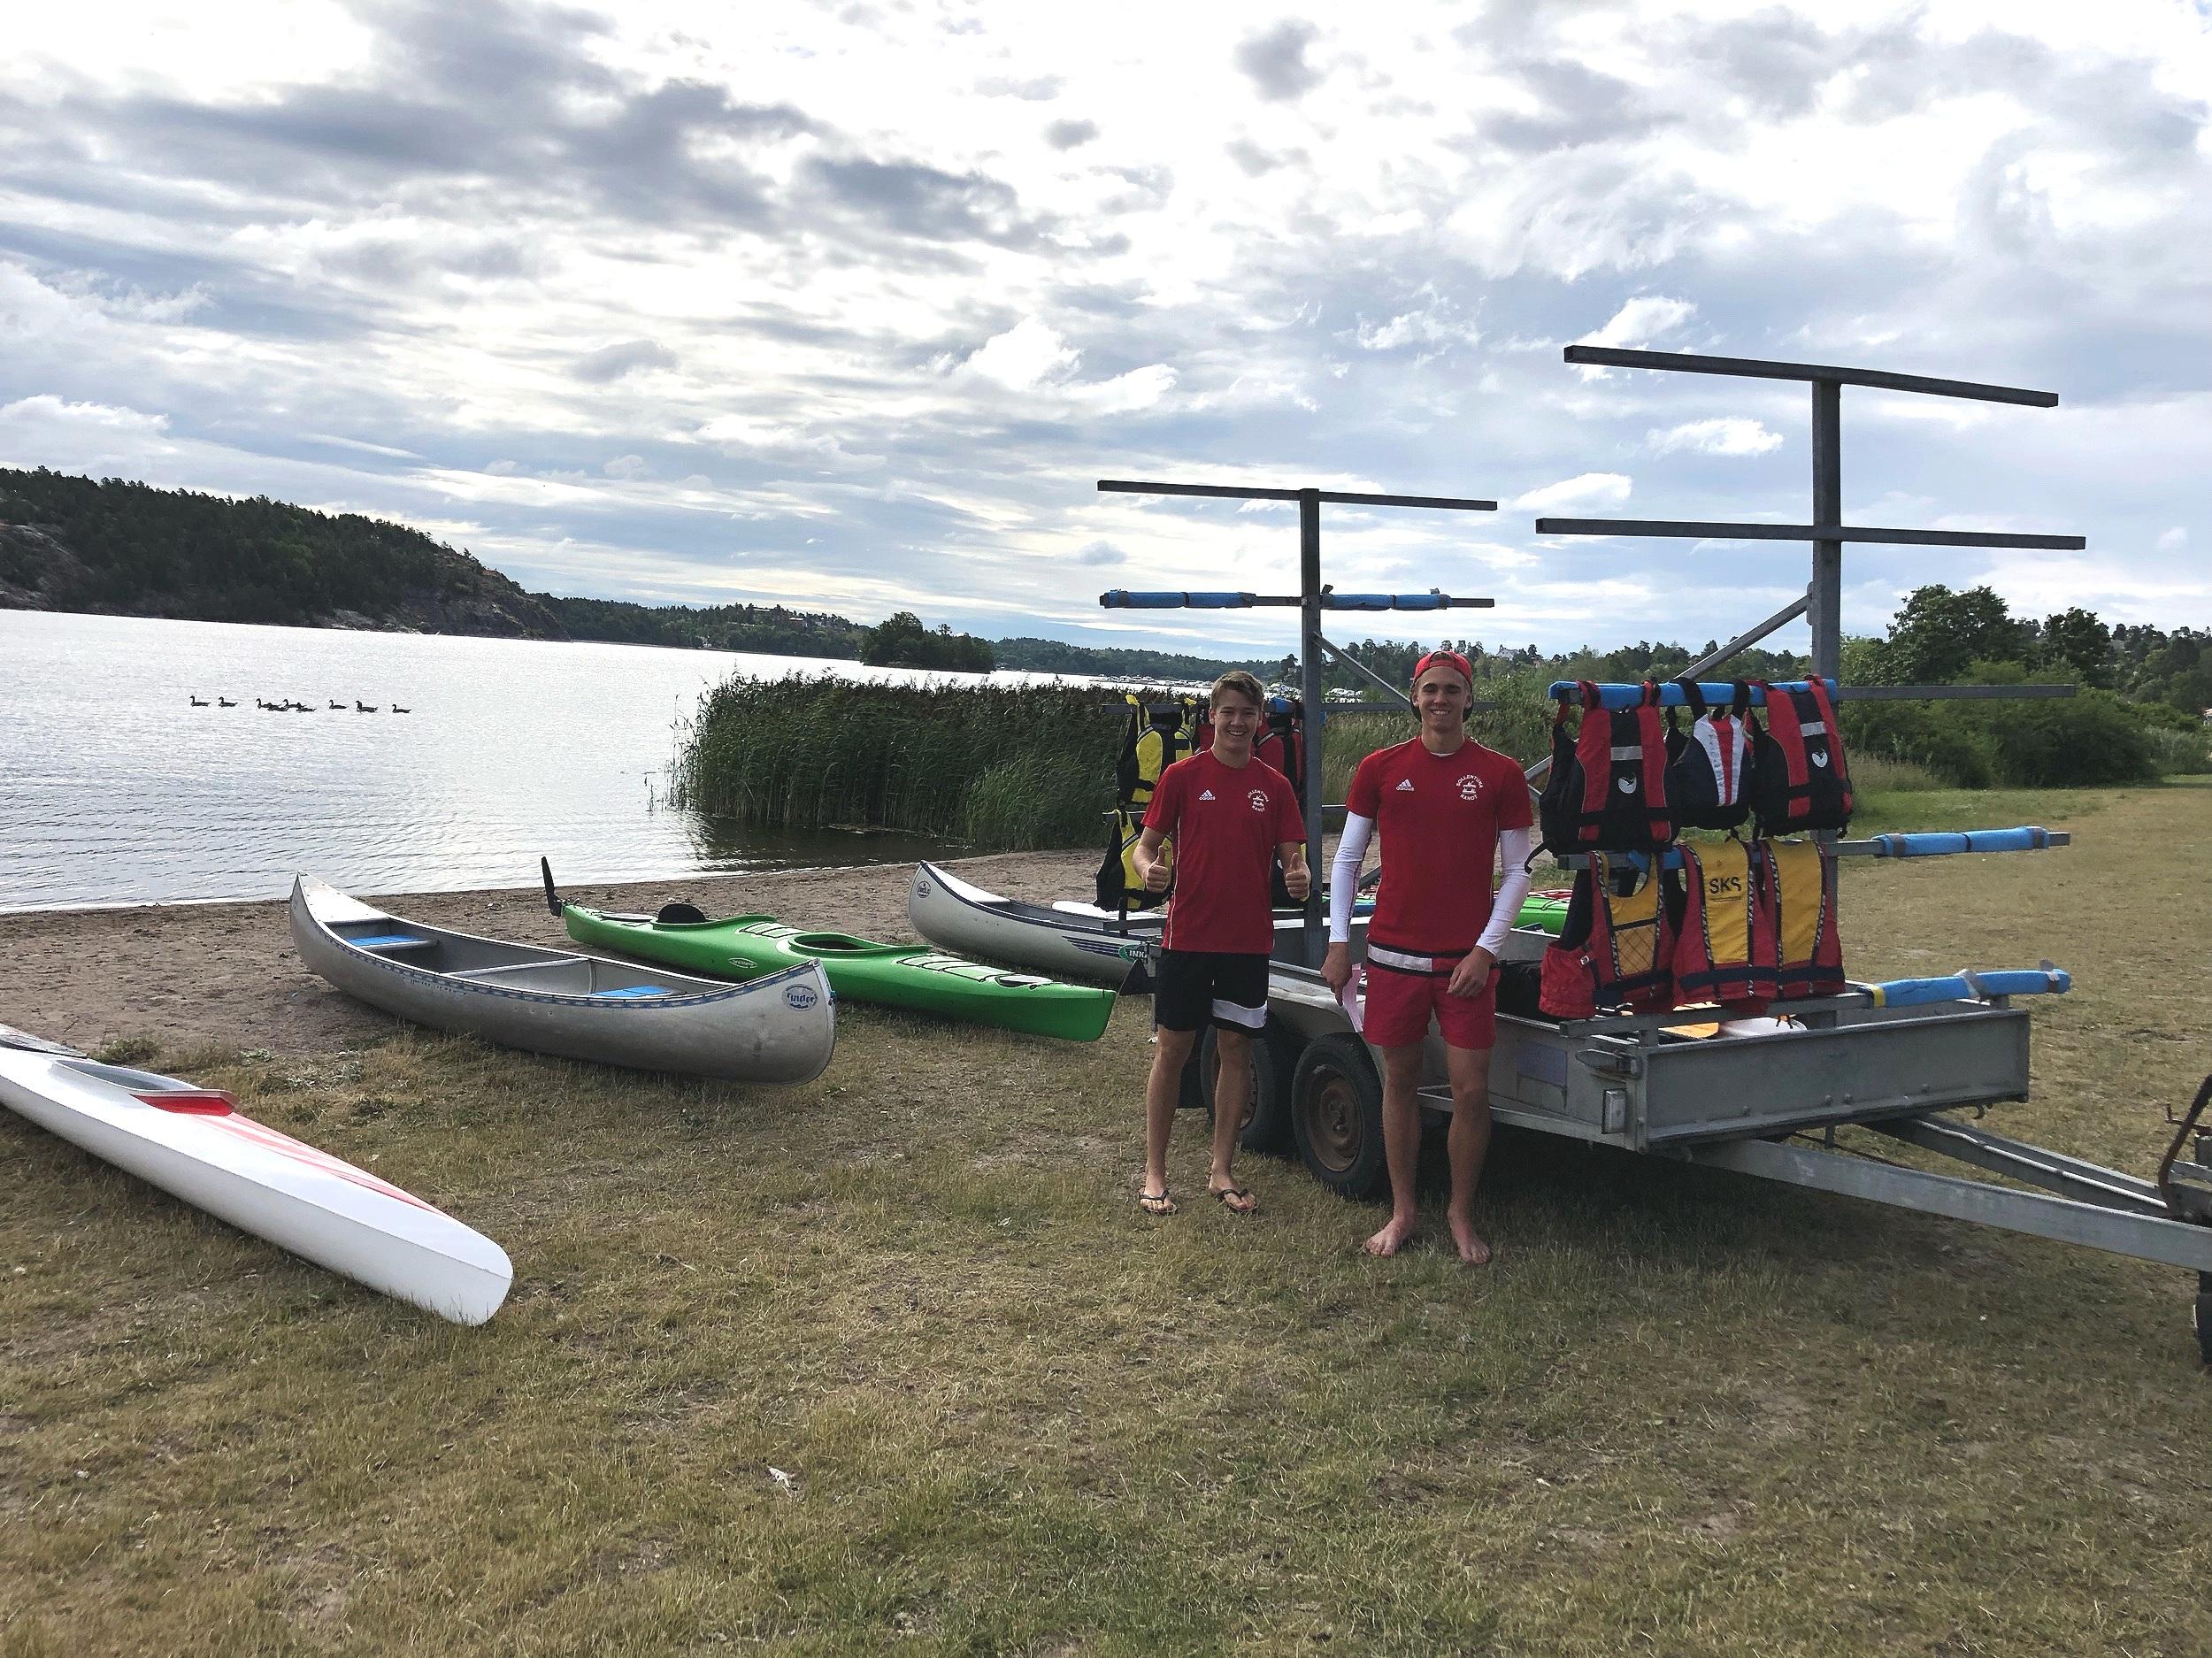 Eric & Gustav - Våra ledare på Summer Camp